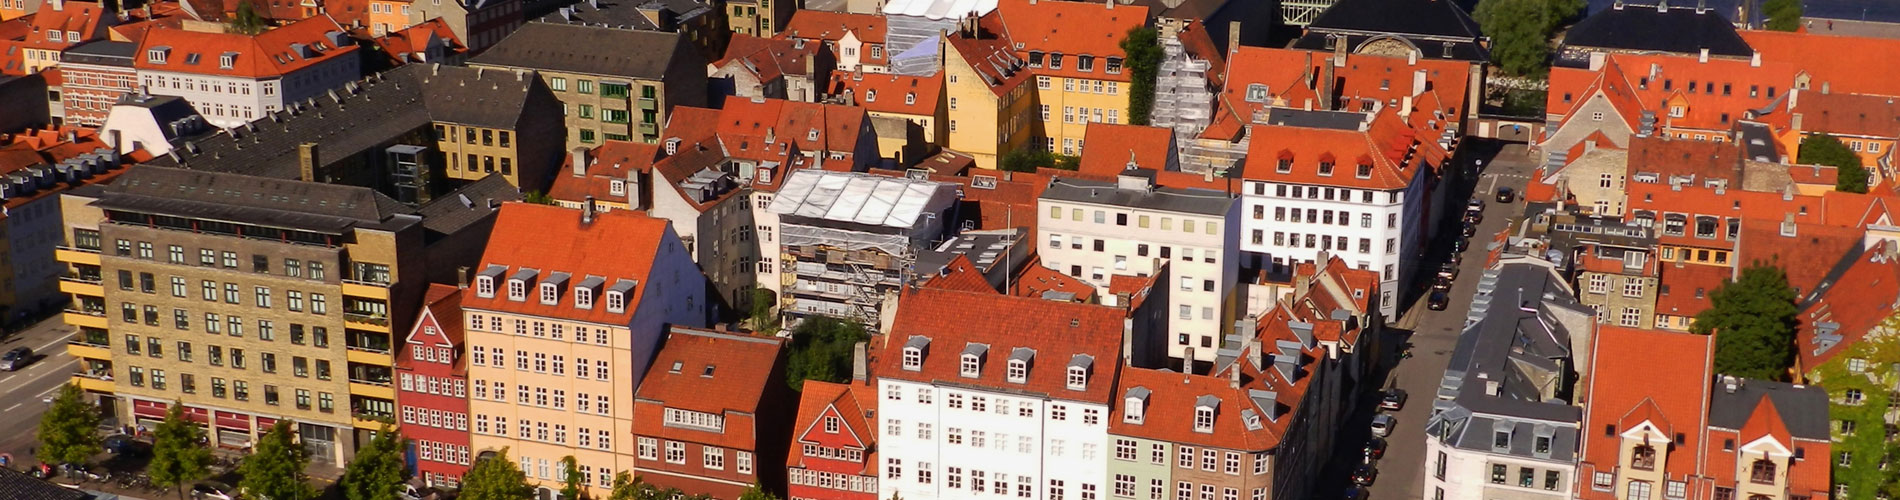 コペンハーゲンの町並み